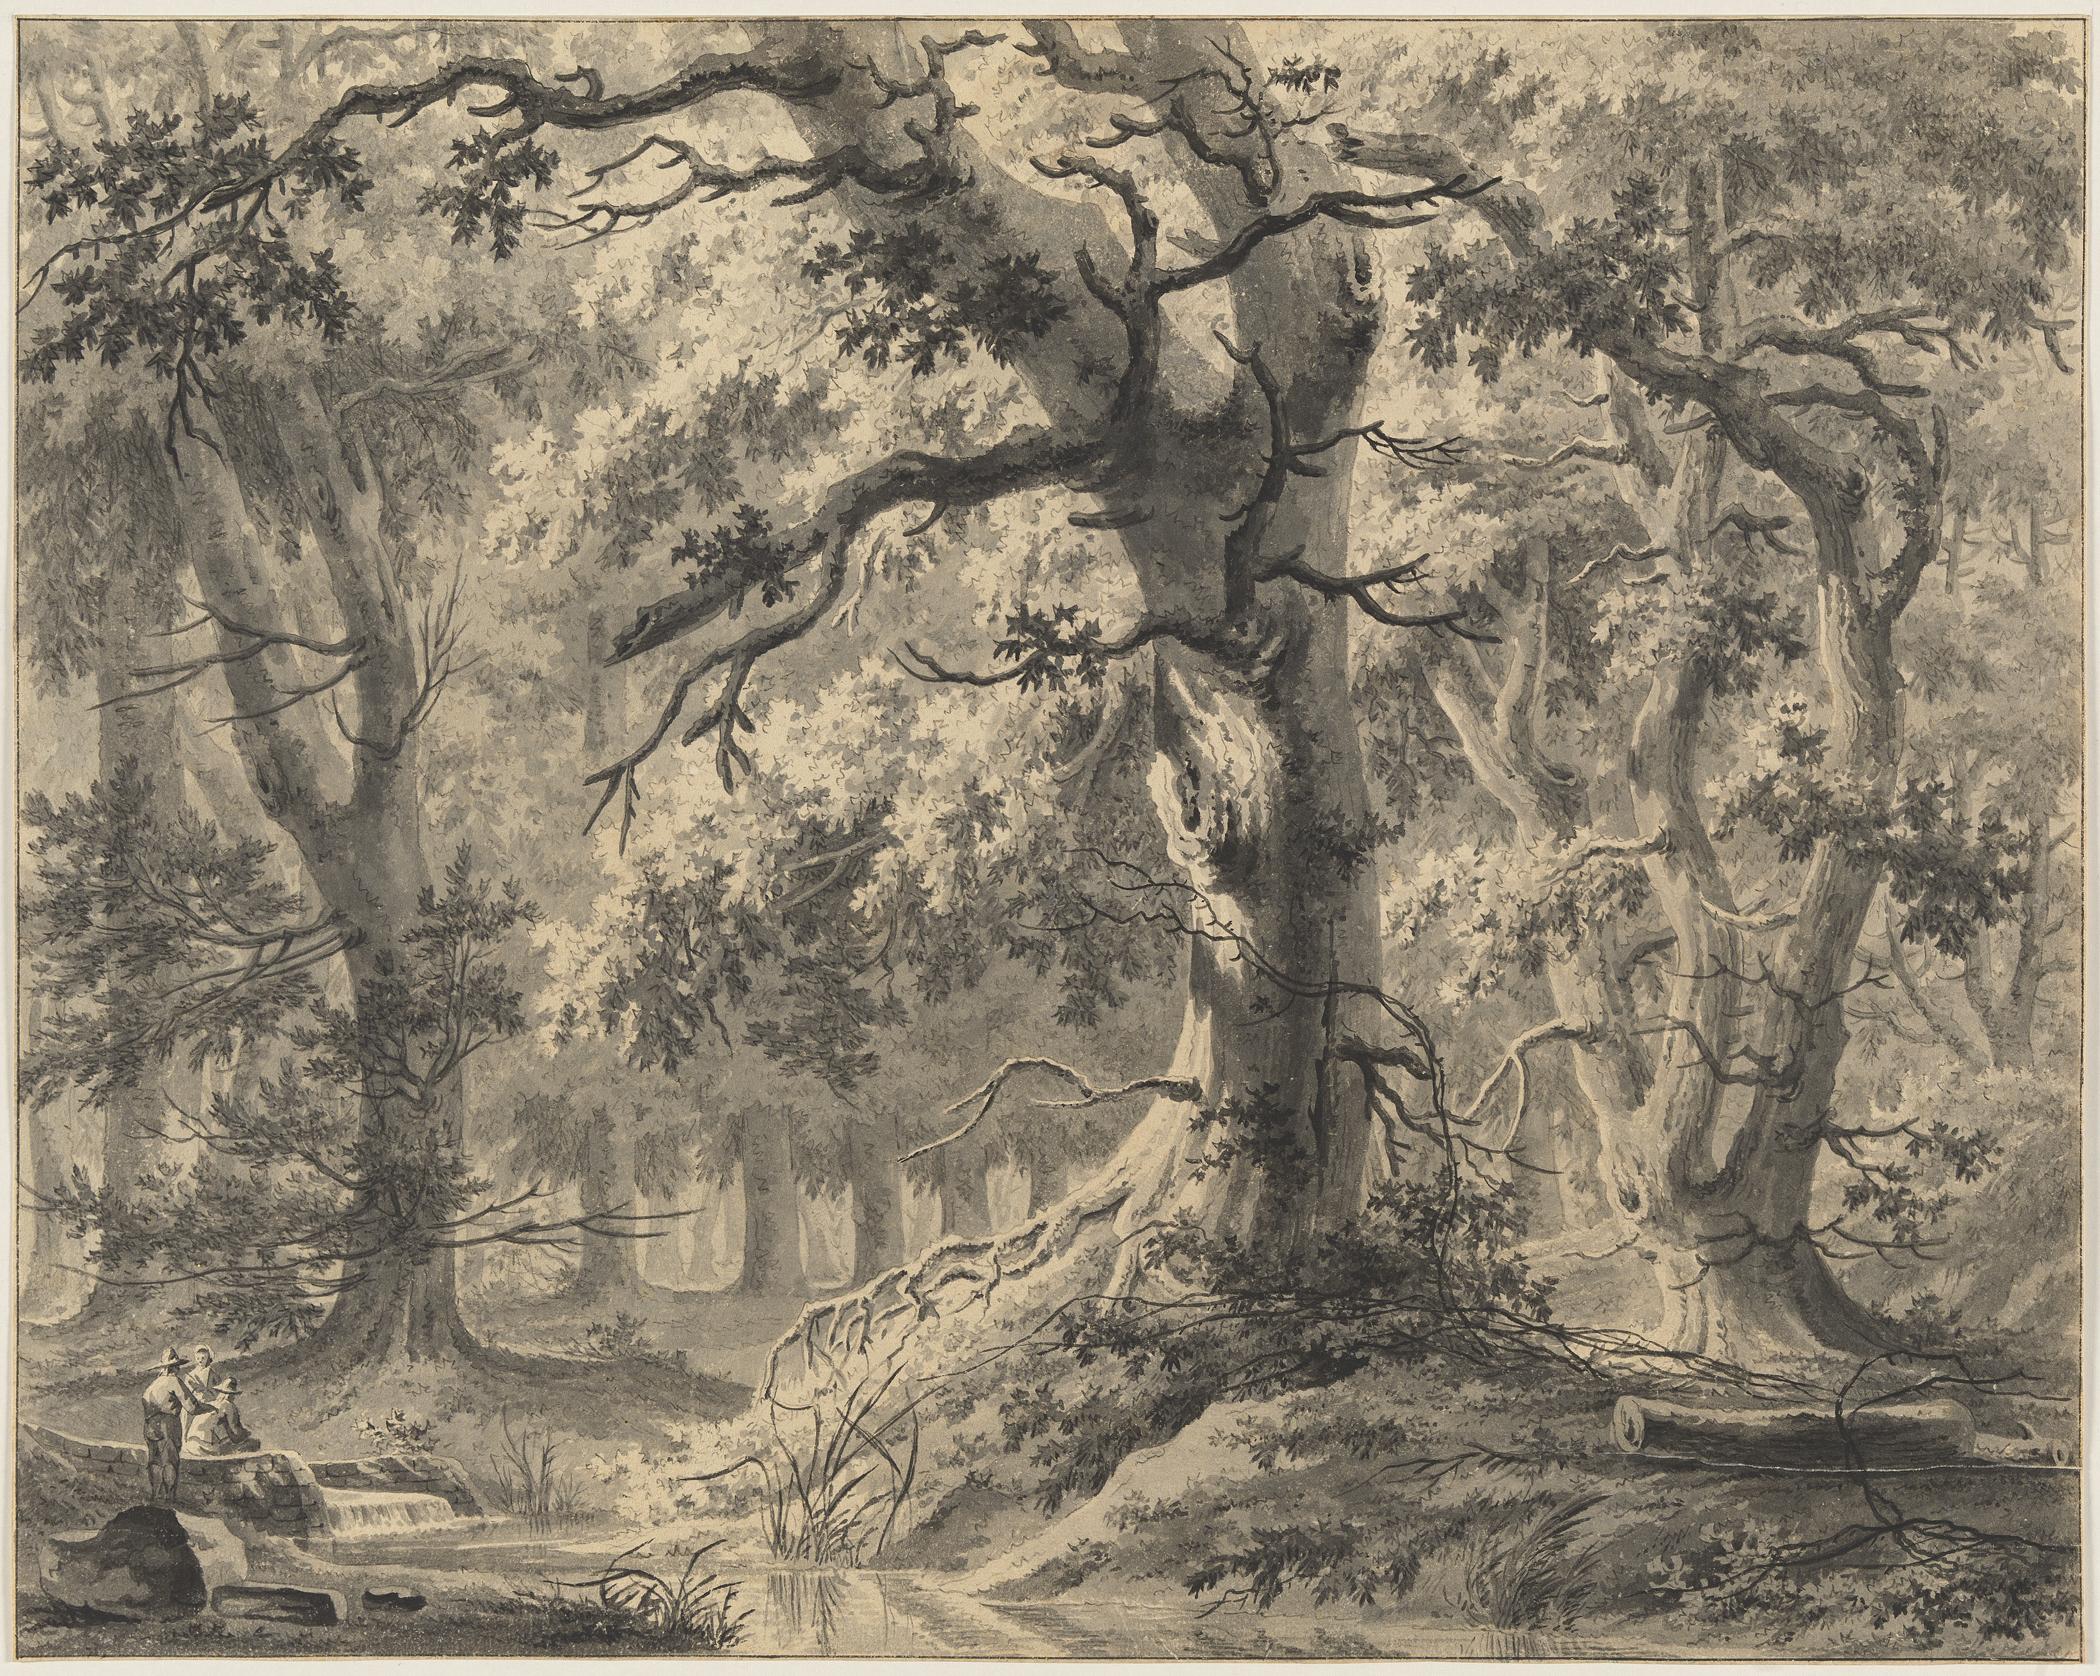 Fig 5. Paulus van Liender (1731-1797), Figures by a Stream in a Wood, inv. 4060/2294